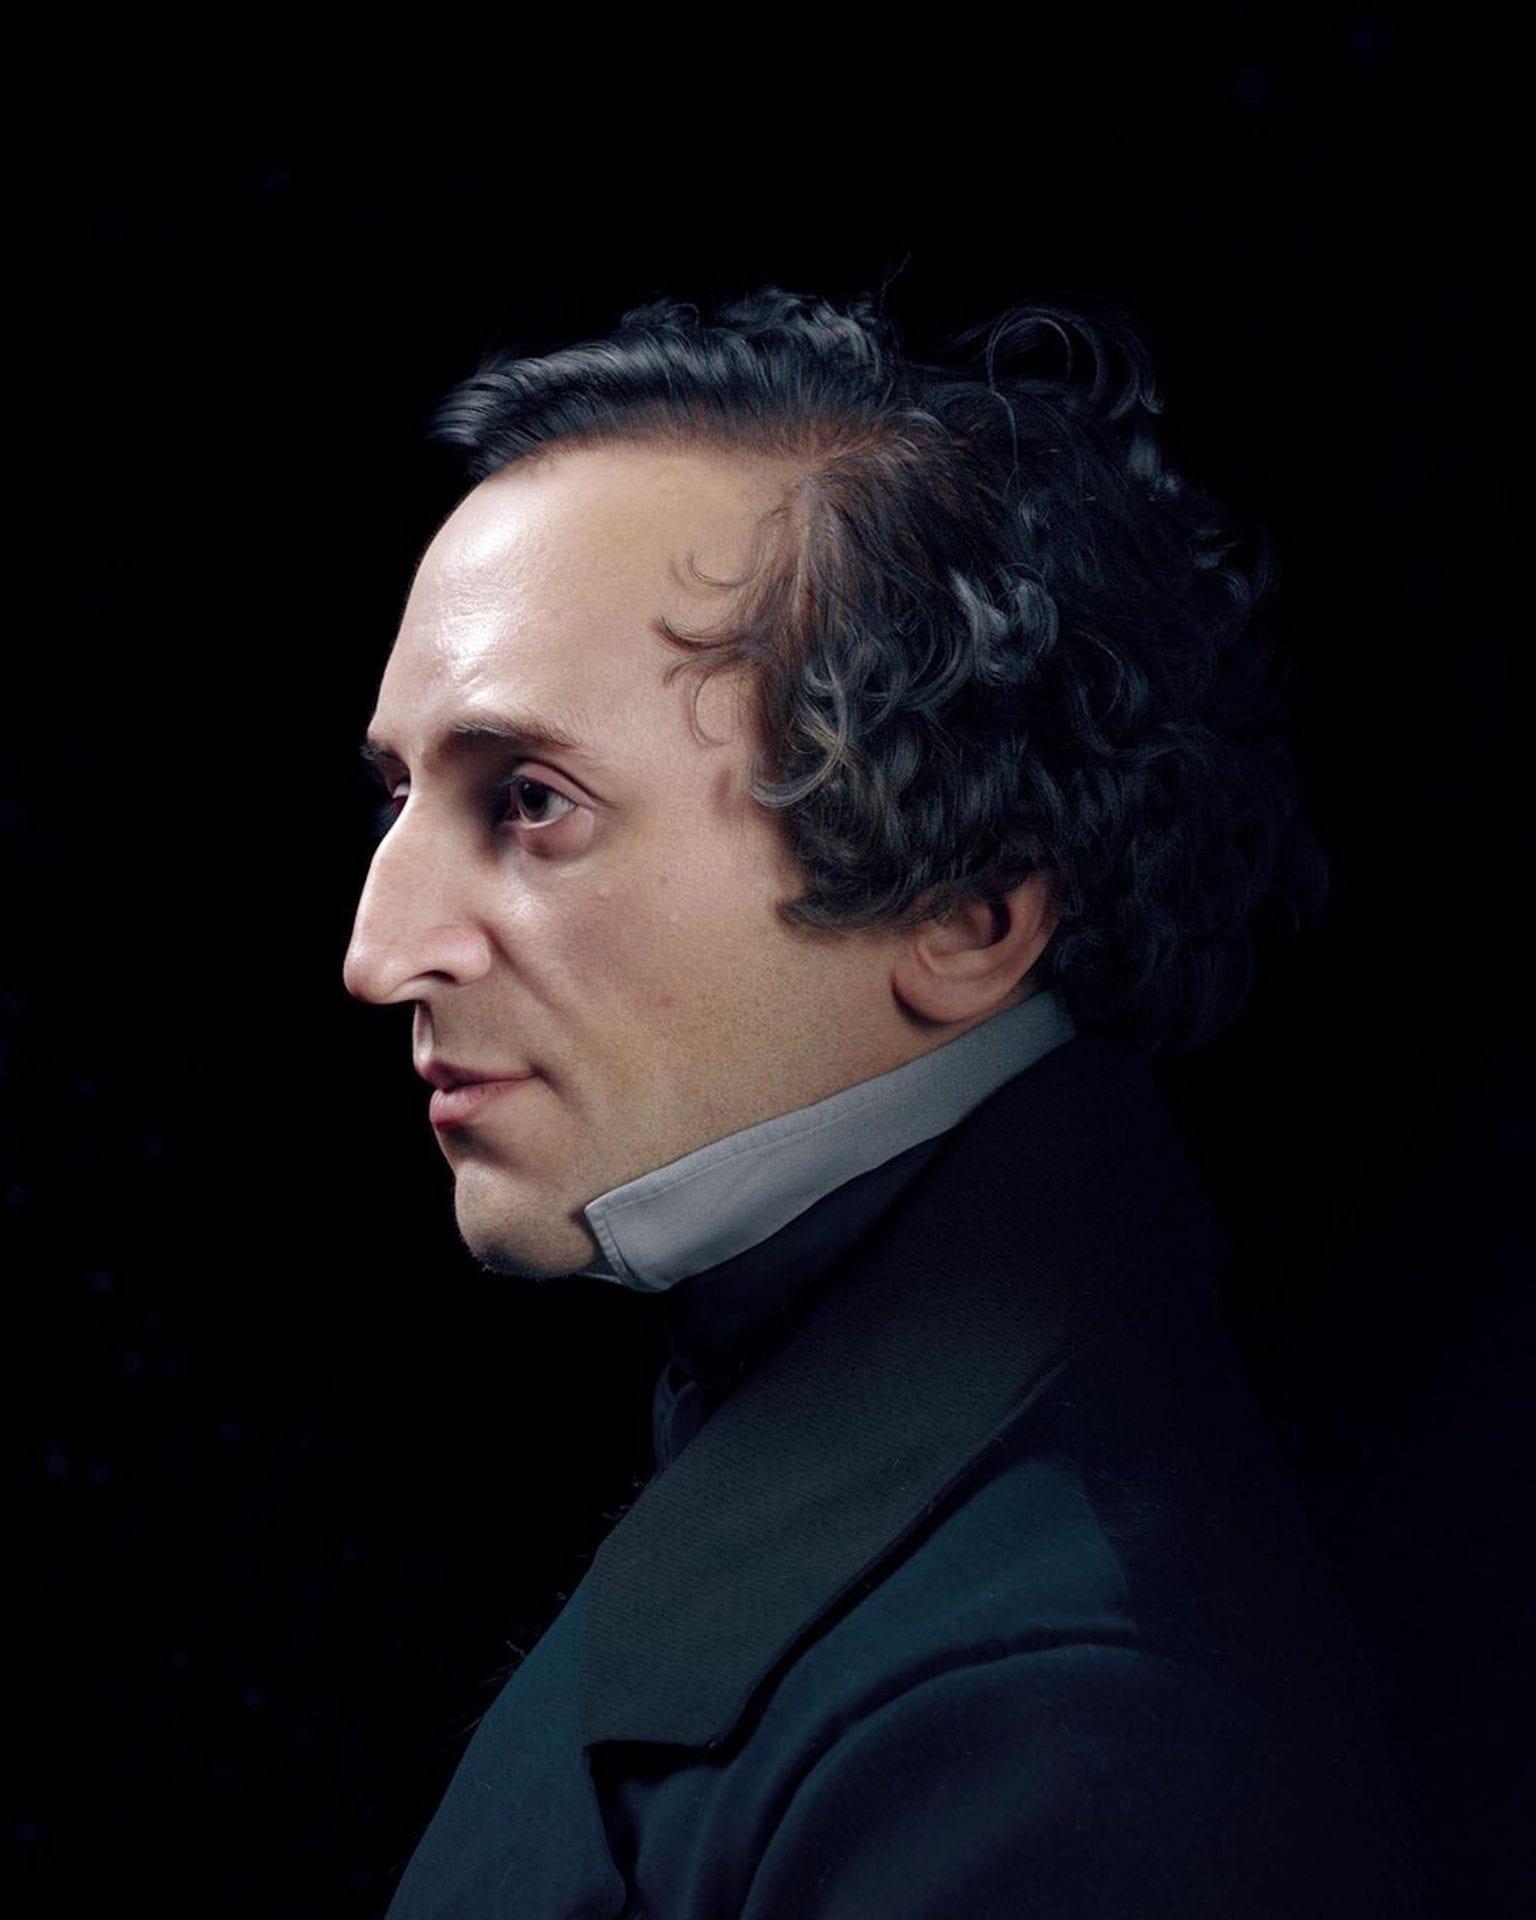 L'artiste Hadi Karimi redonne vie aux compositeurs célèbres avec des portraits 3D